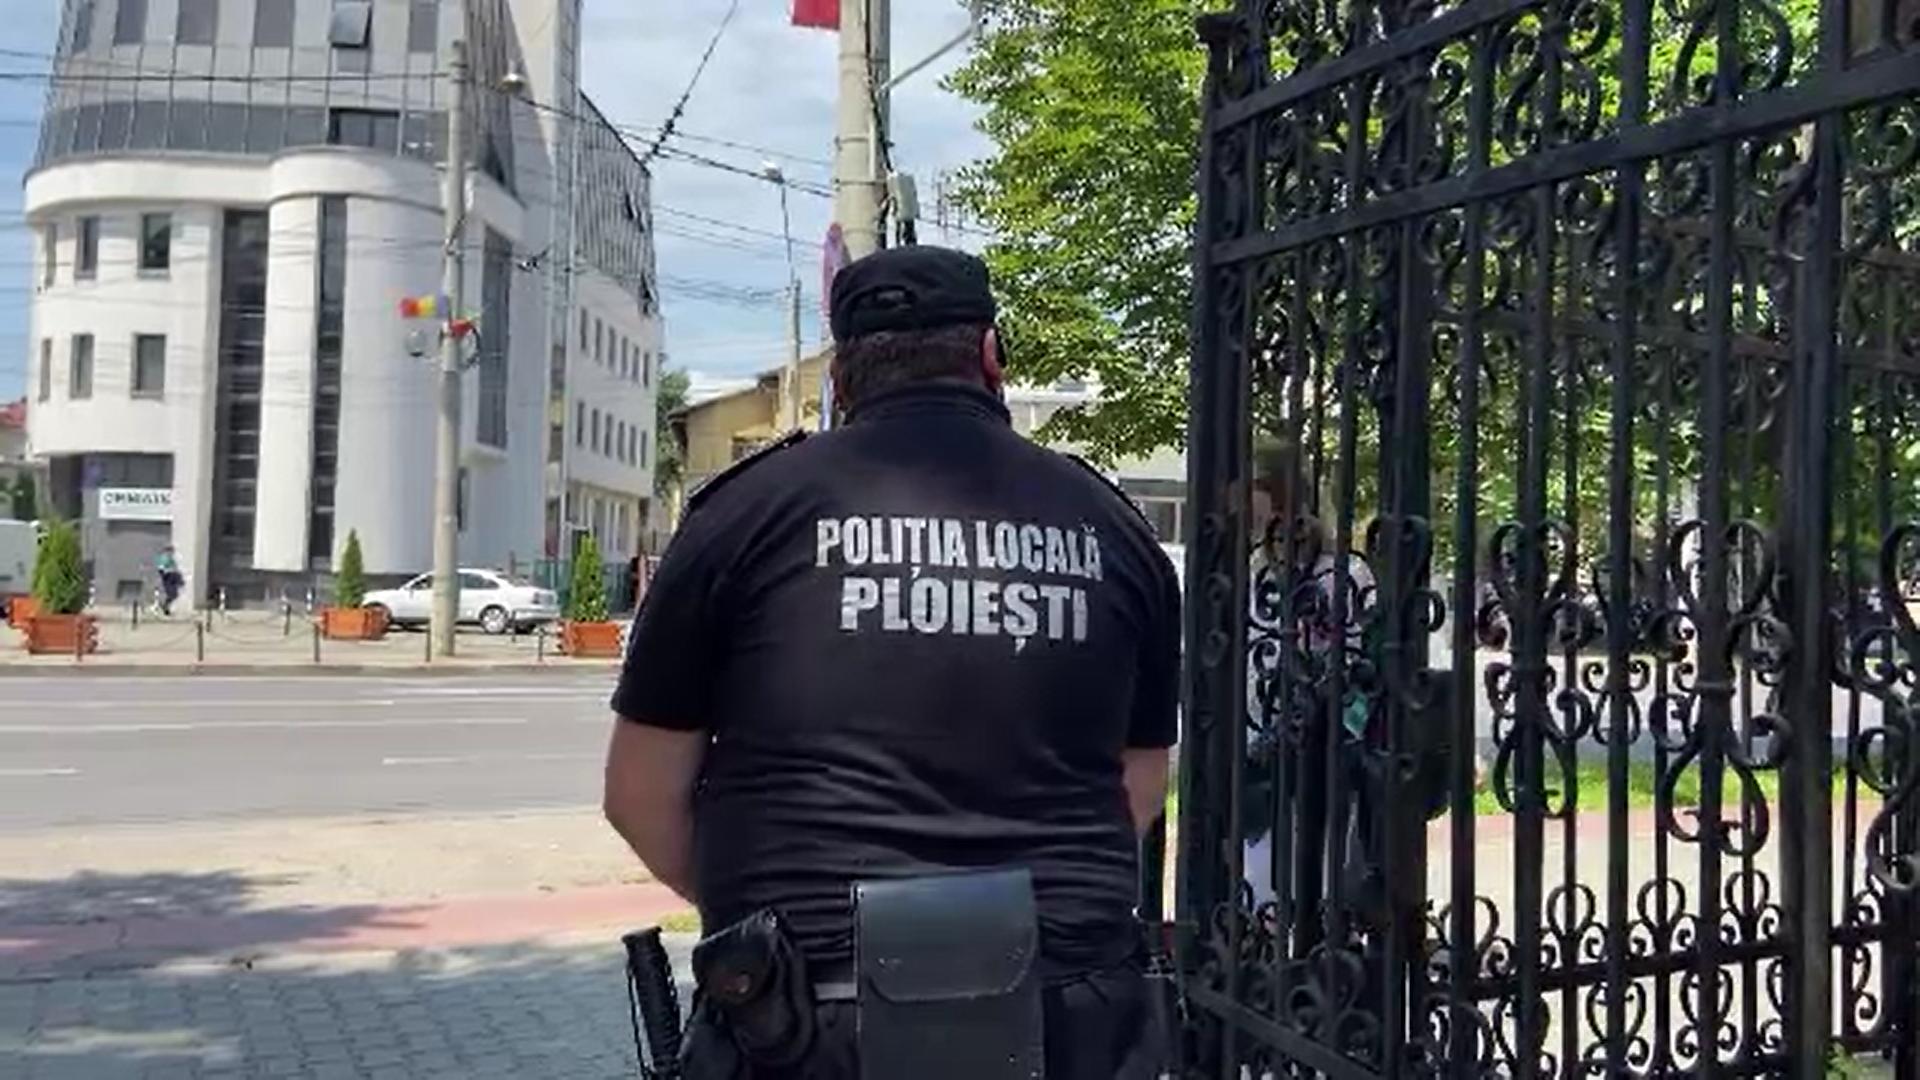 Un poliţist local din Ploieşti a fost lovit cu o piatră în cap după ce a intervenit într-un scandal